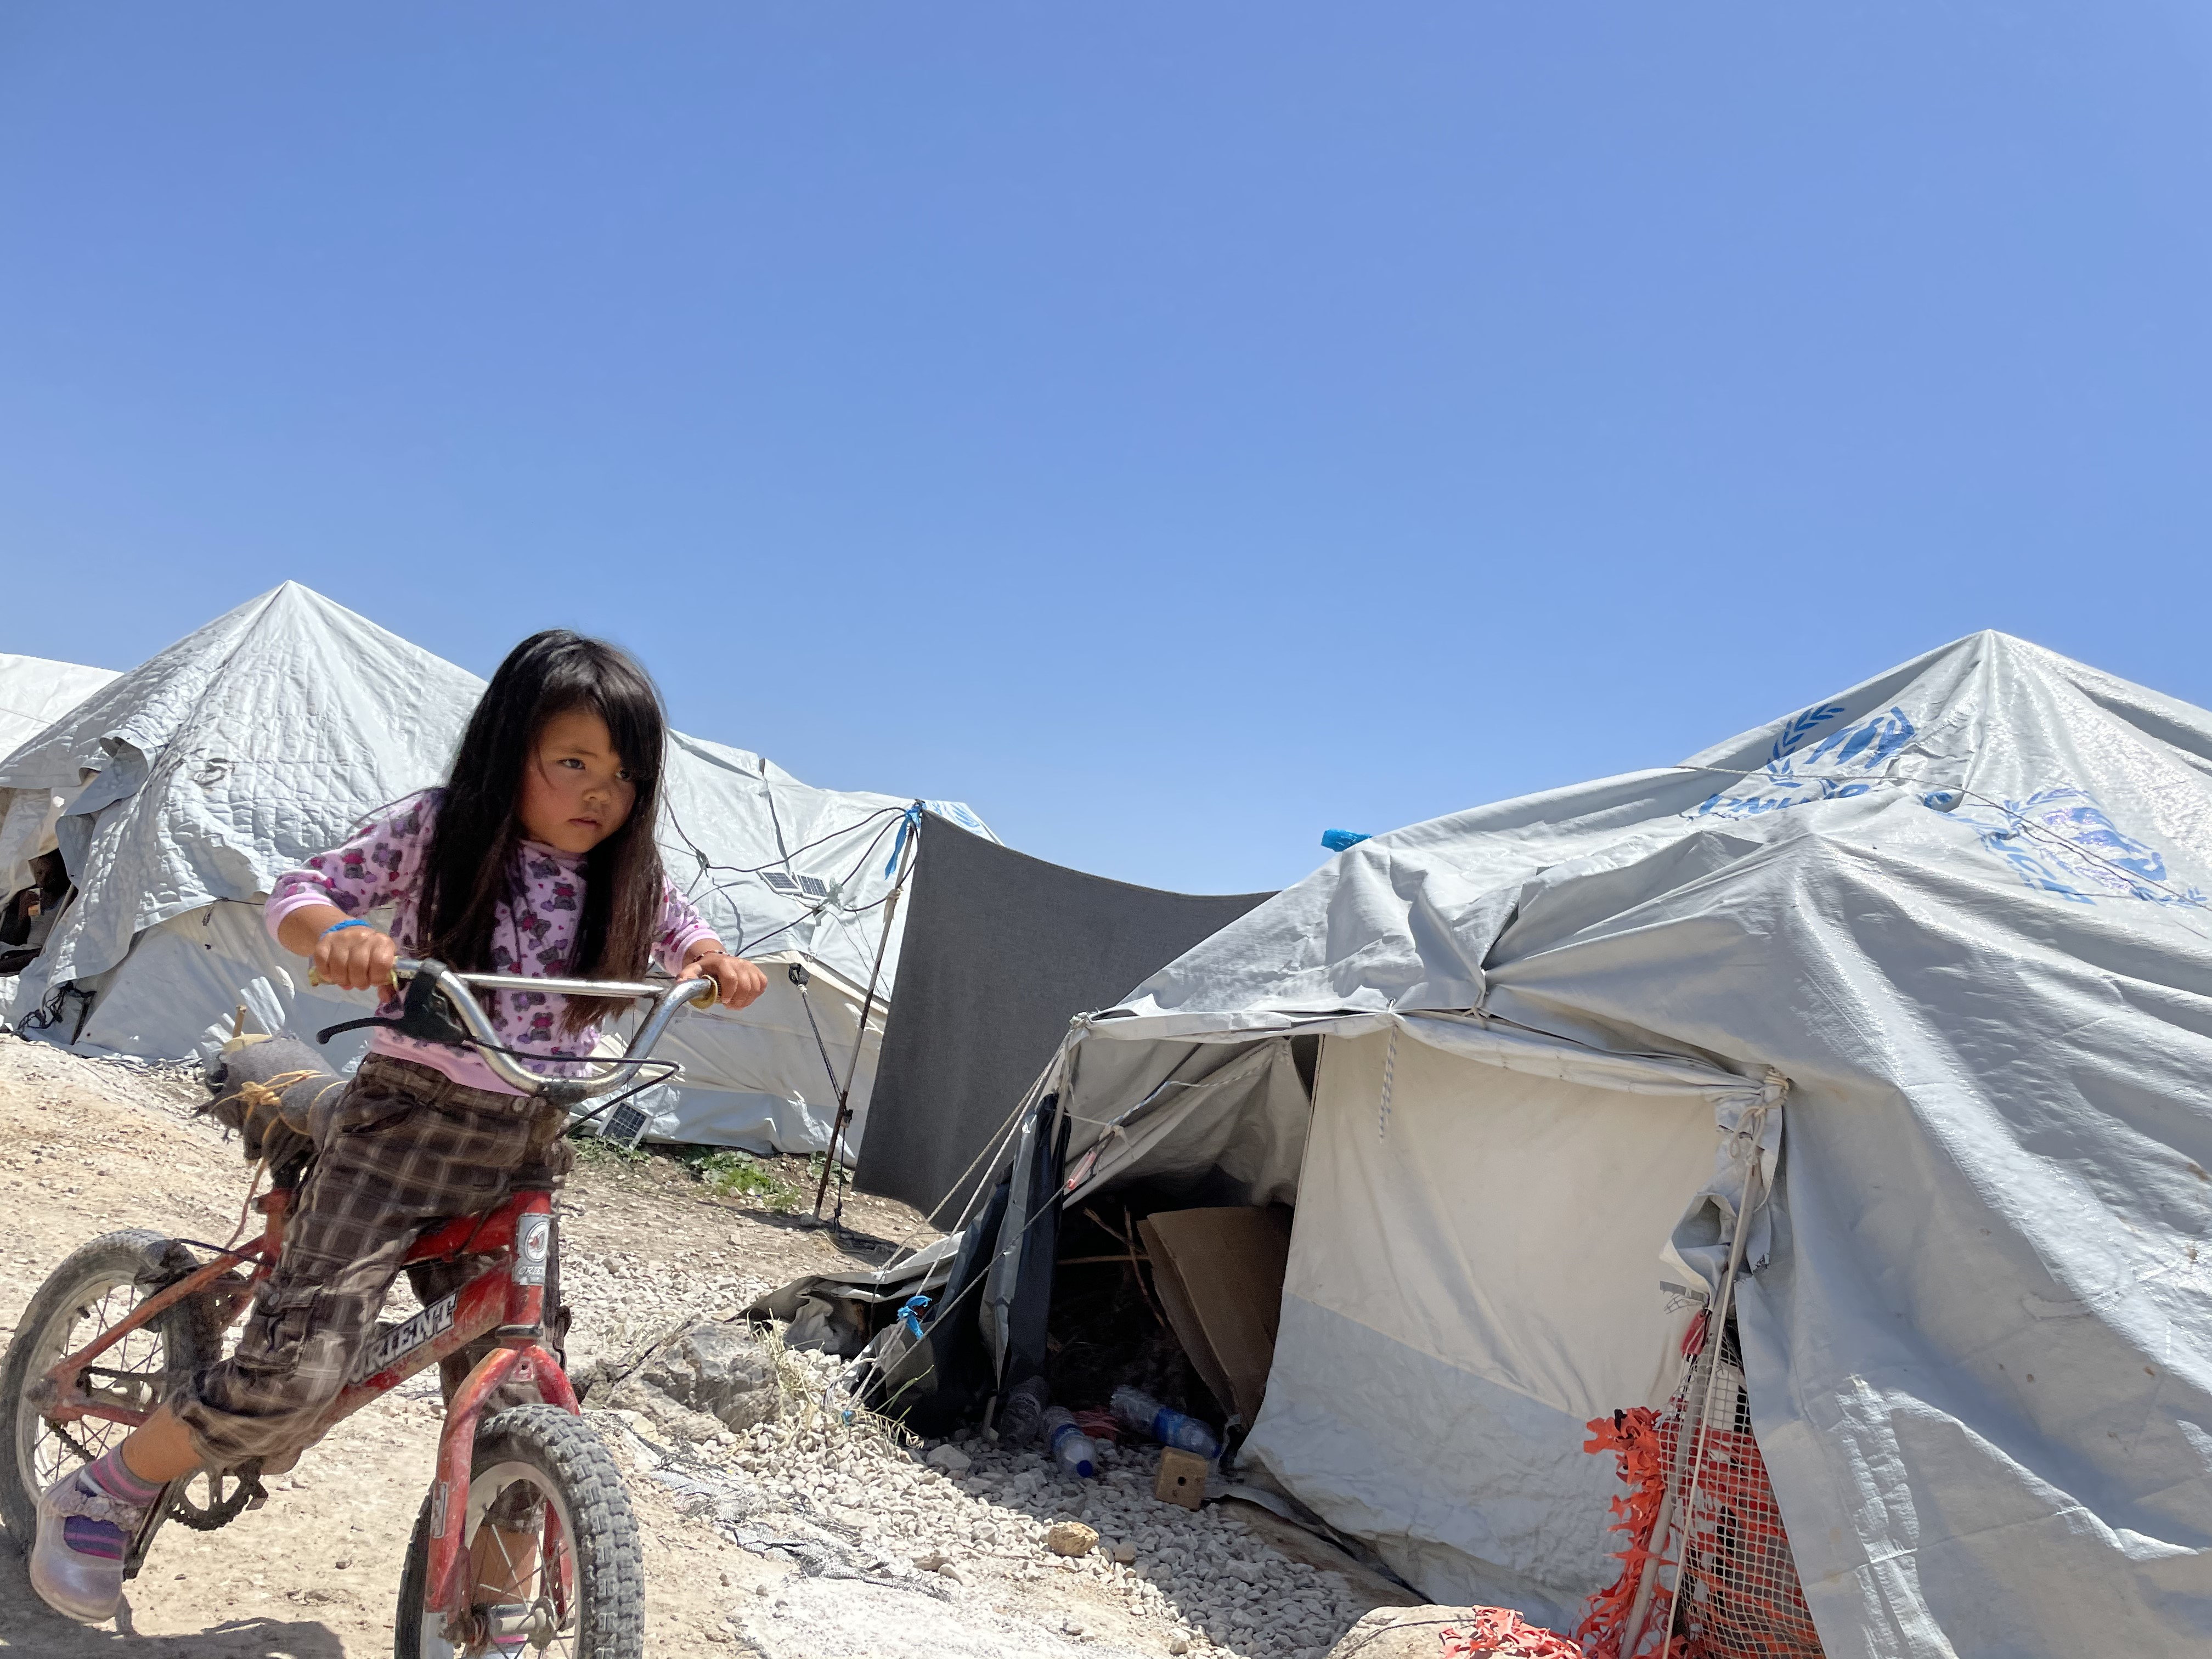 Die Zelte im Camp bieten kaum Schutz vor Wind und Wetter. Foto: Chris Schmid